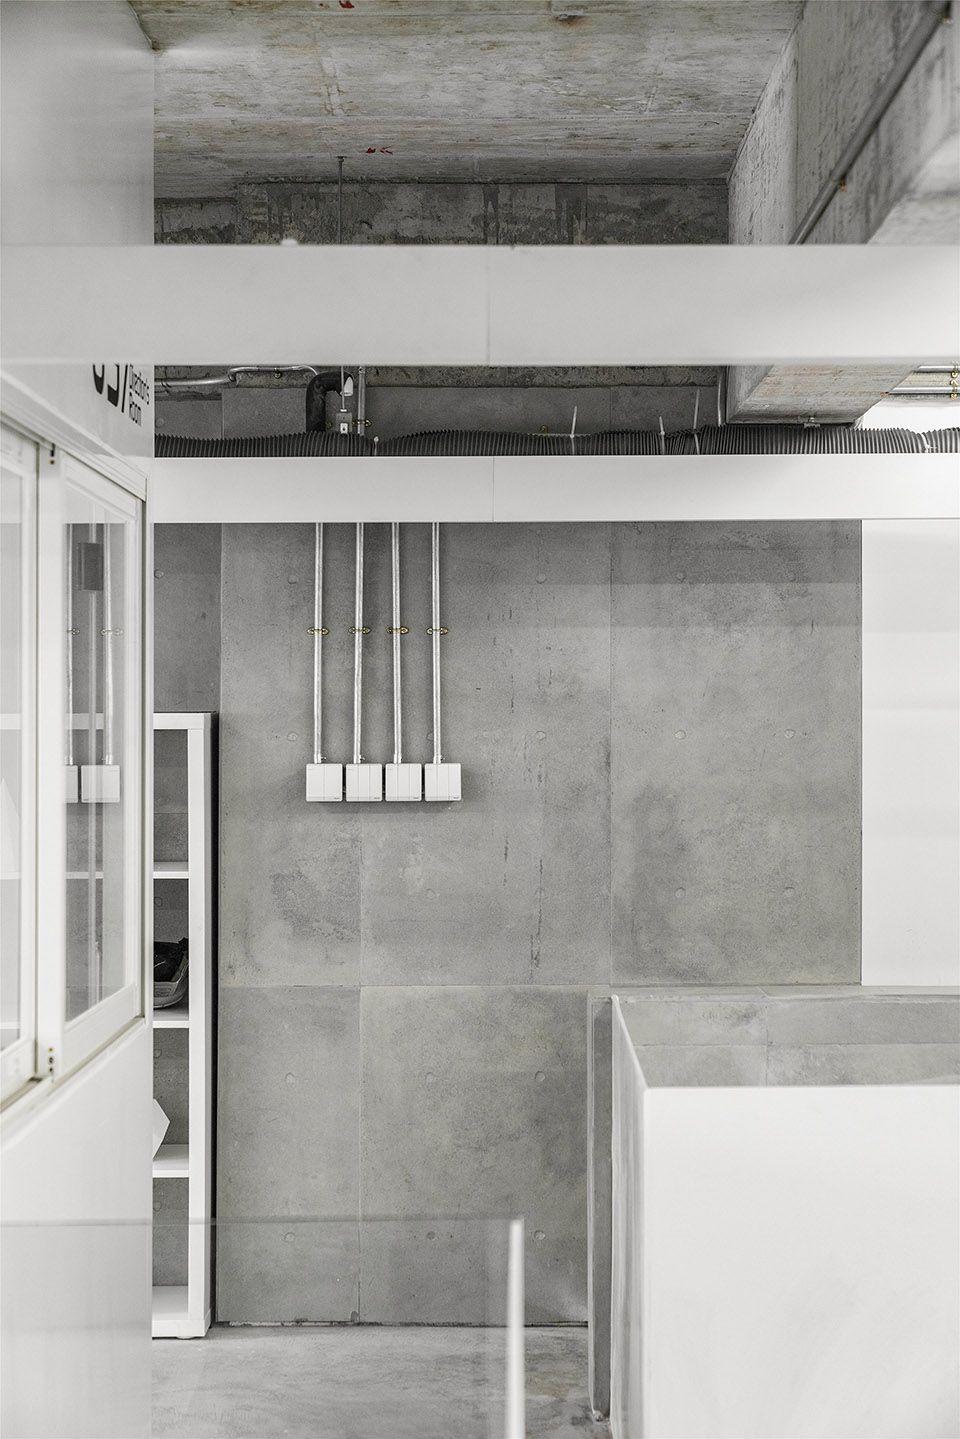 移动的玻璃盒子,广东Edgelab办公空间 | Edgelab边界实验工作室|黄智武、何钢荣 - 19